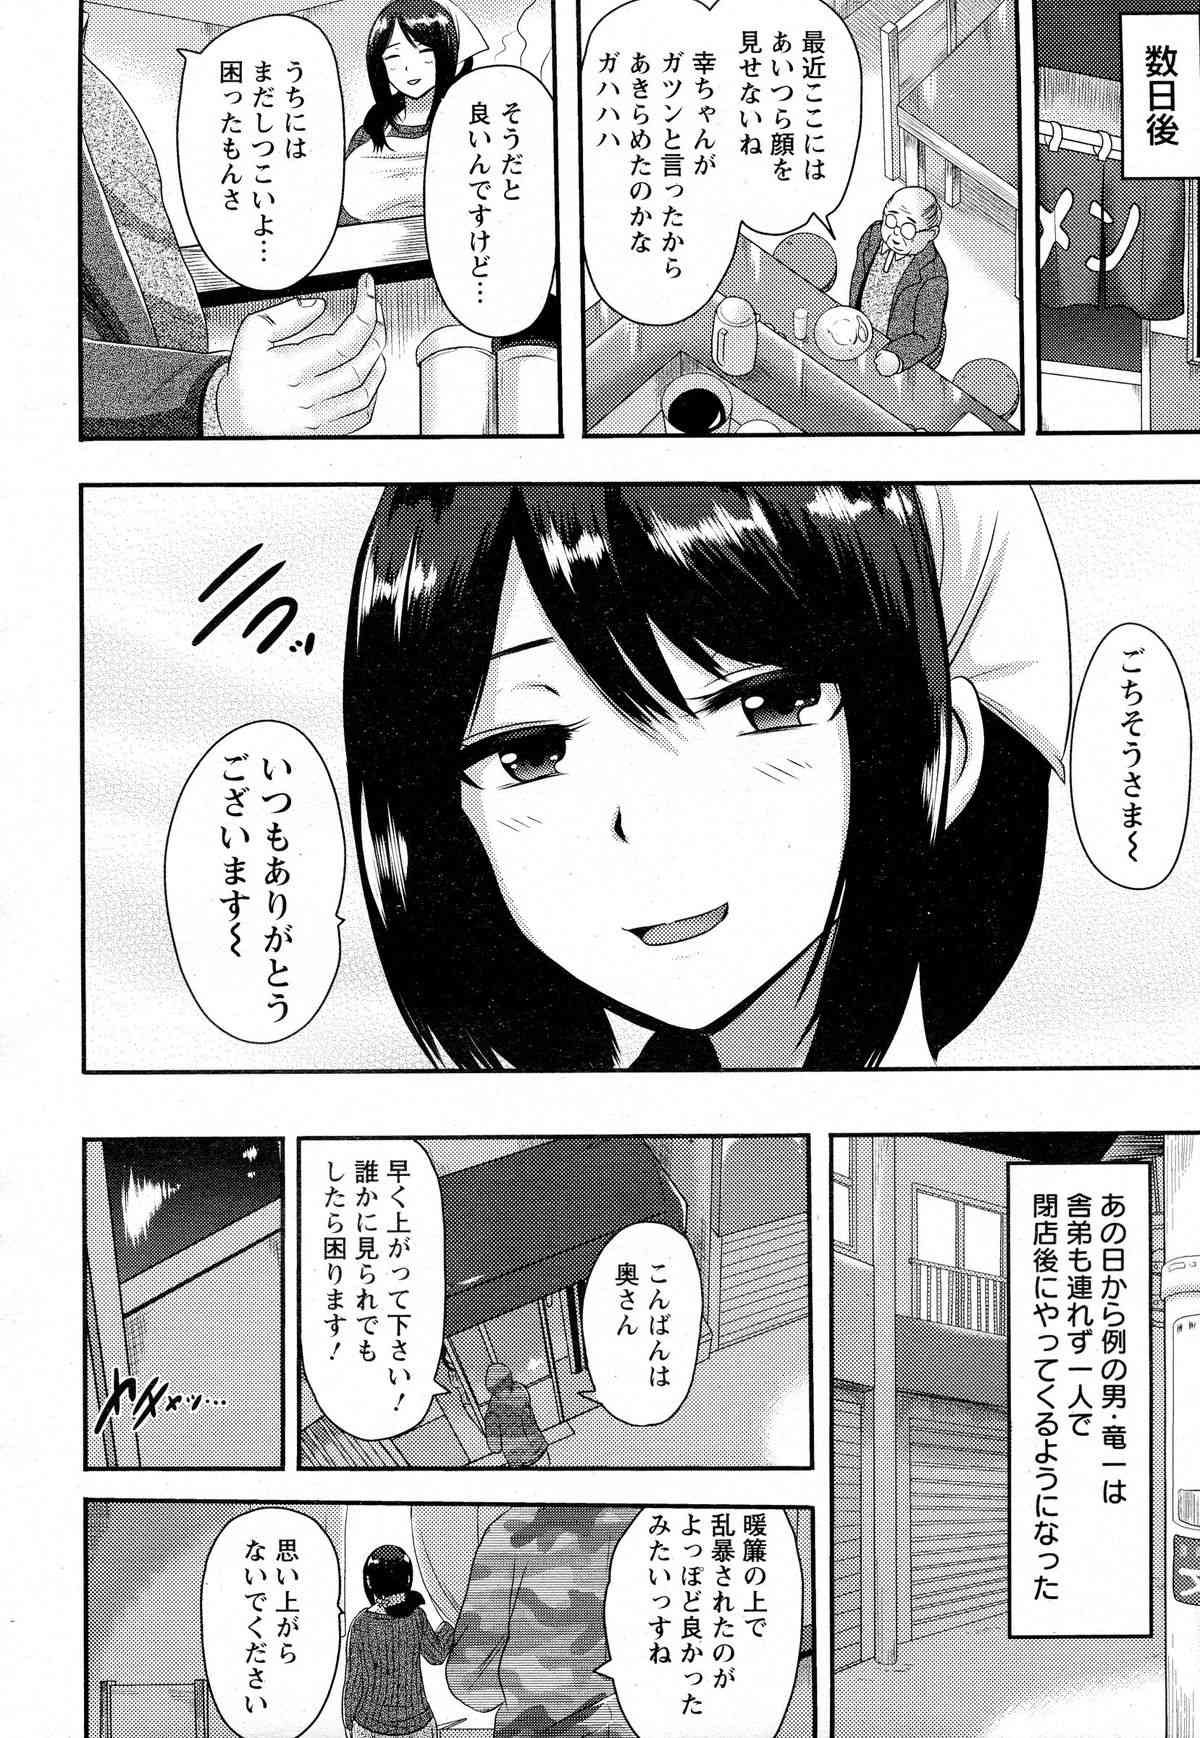 【エロ漫画】夫が遺した店をひとりで切り盛りしている健気な未亡人が地上げ屋たちに襲撃され凌辱レイプに遭うwww